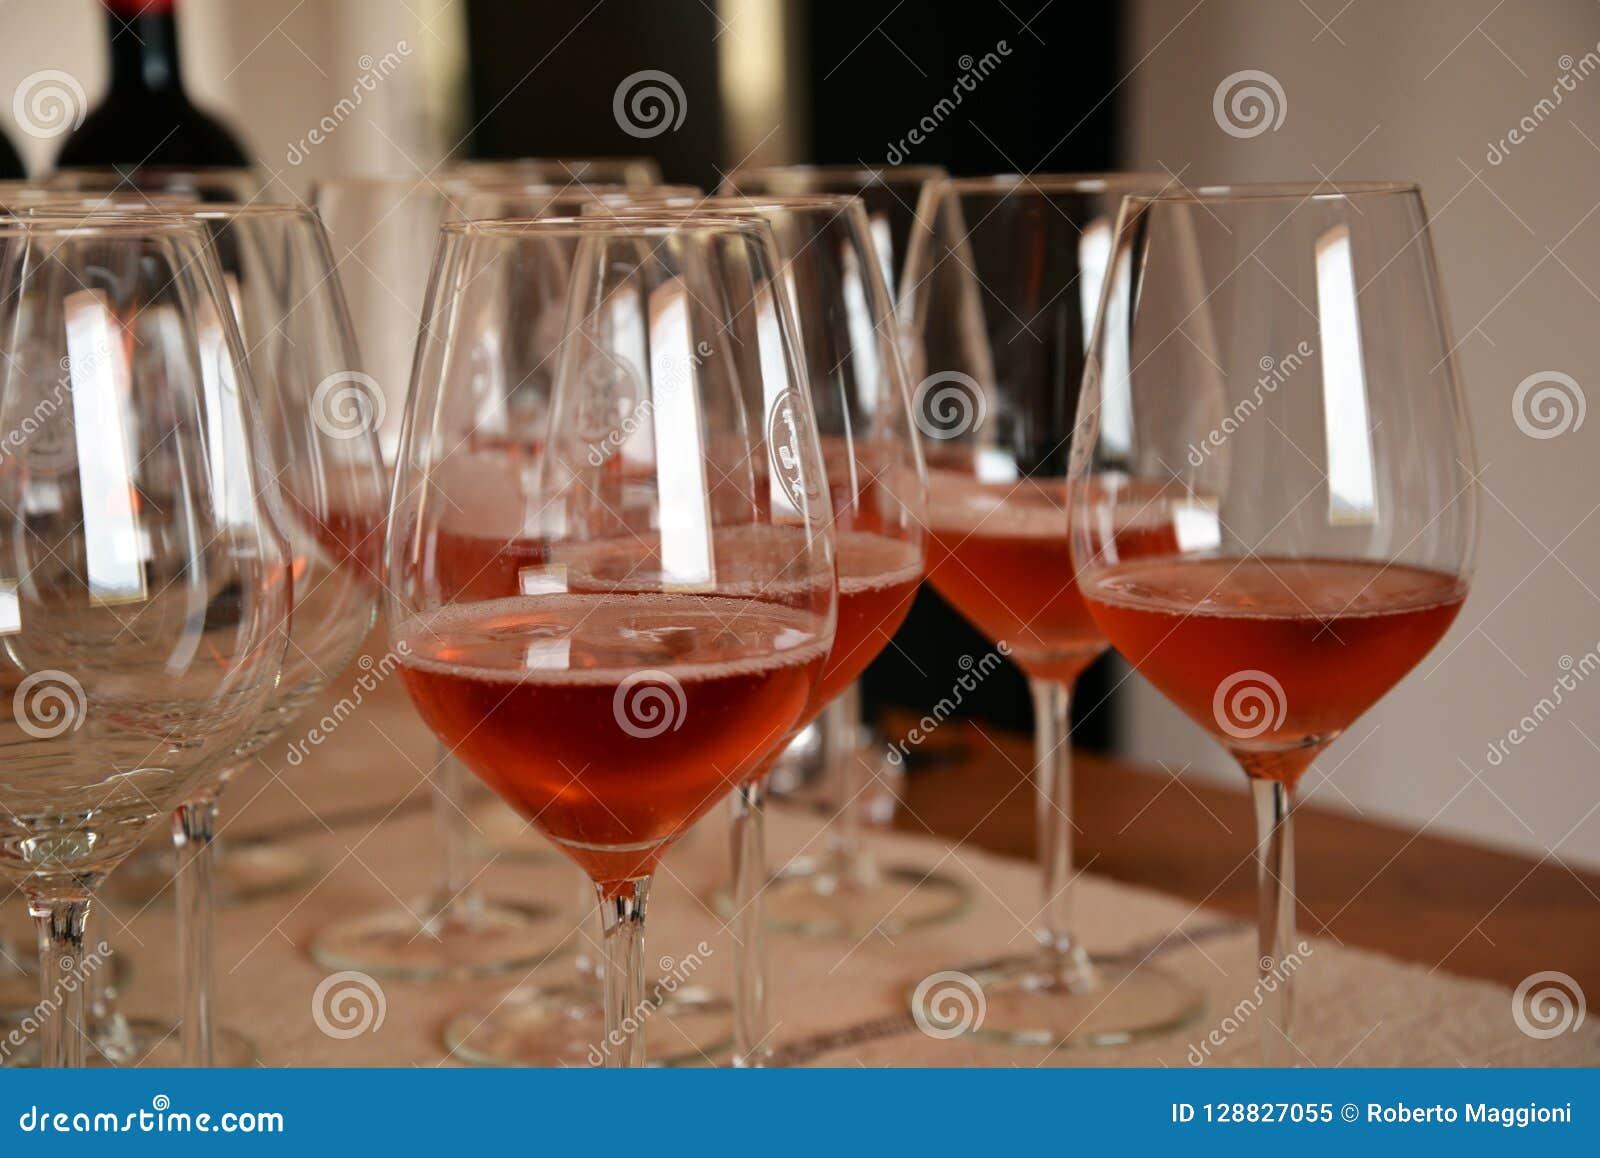 Vidrio y vino rosado, Cerdeña, Italia de la degustación de vinos